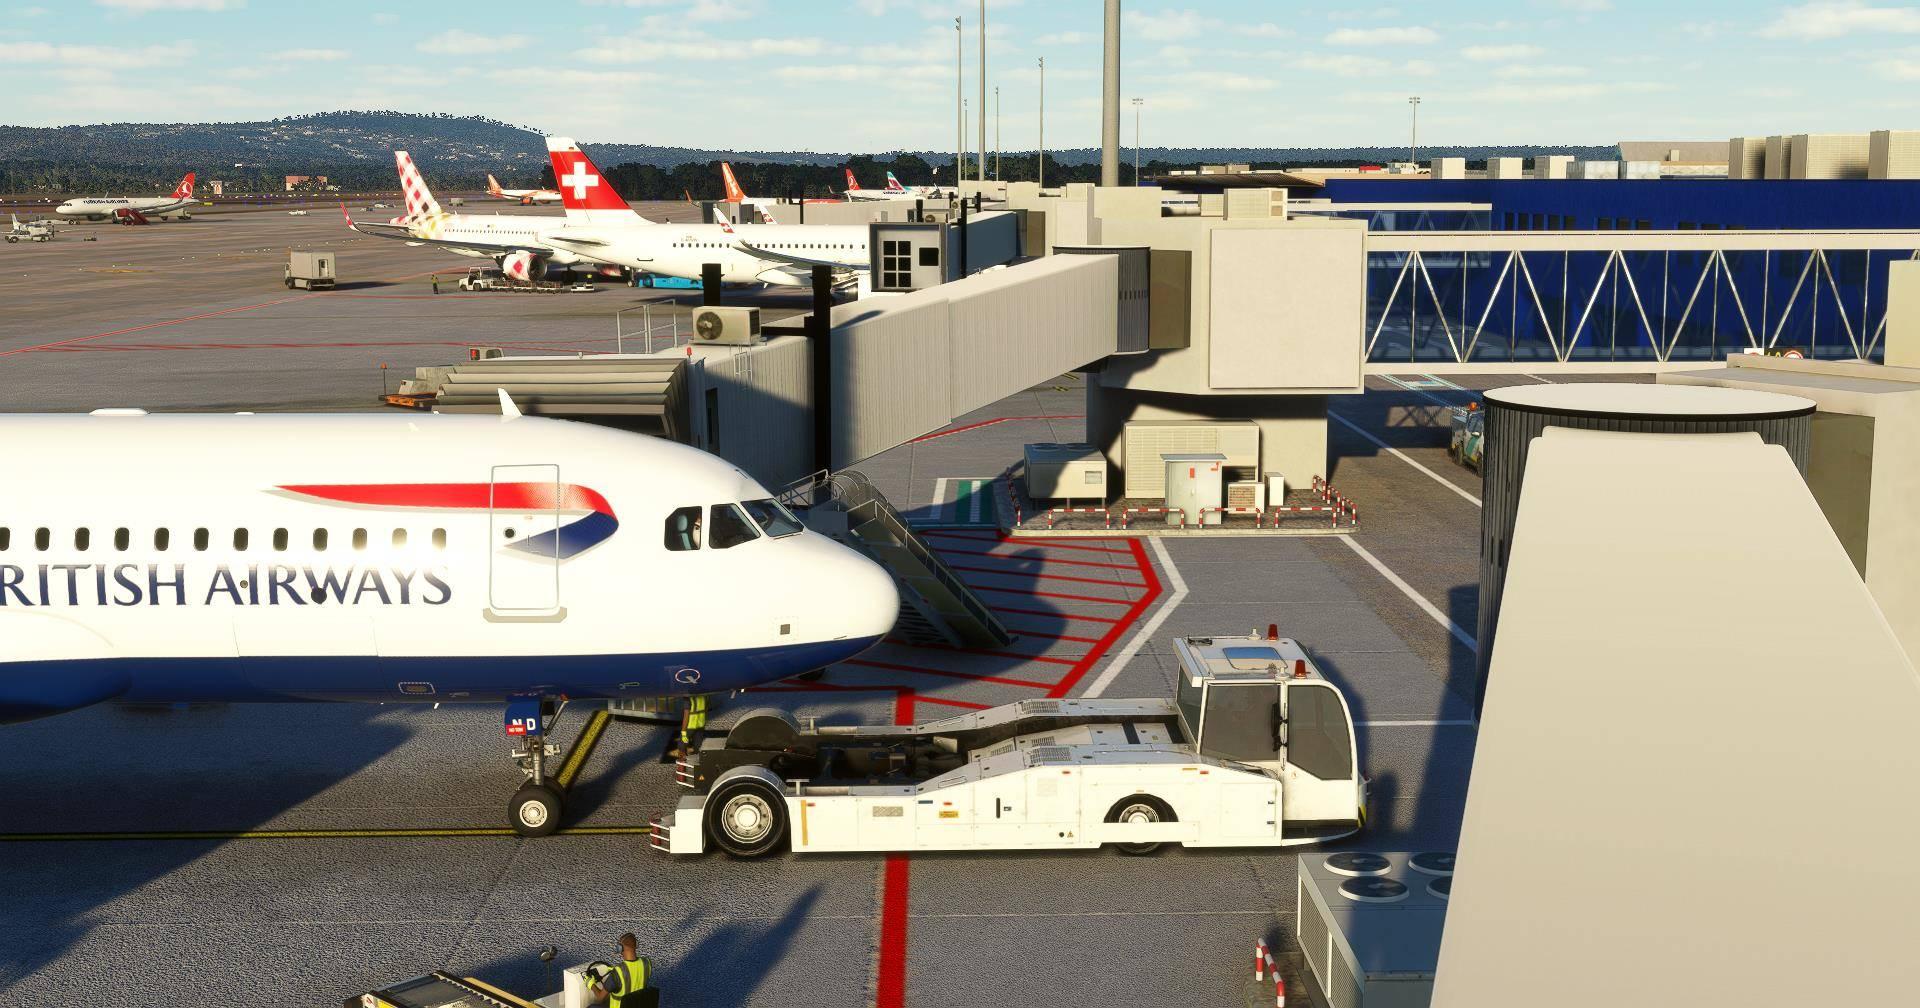 palma-de-mallorca-airport-microsoft-flight-simulator_41_ss_l_211008080120